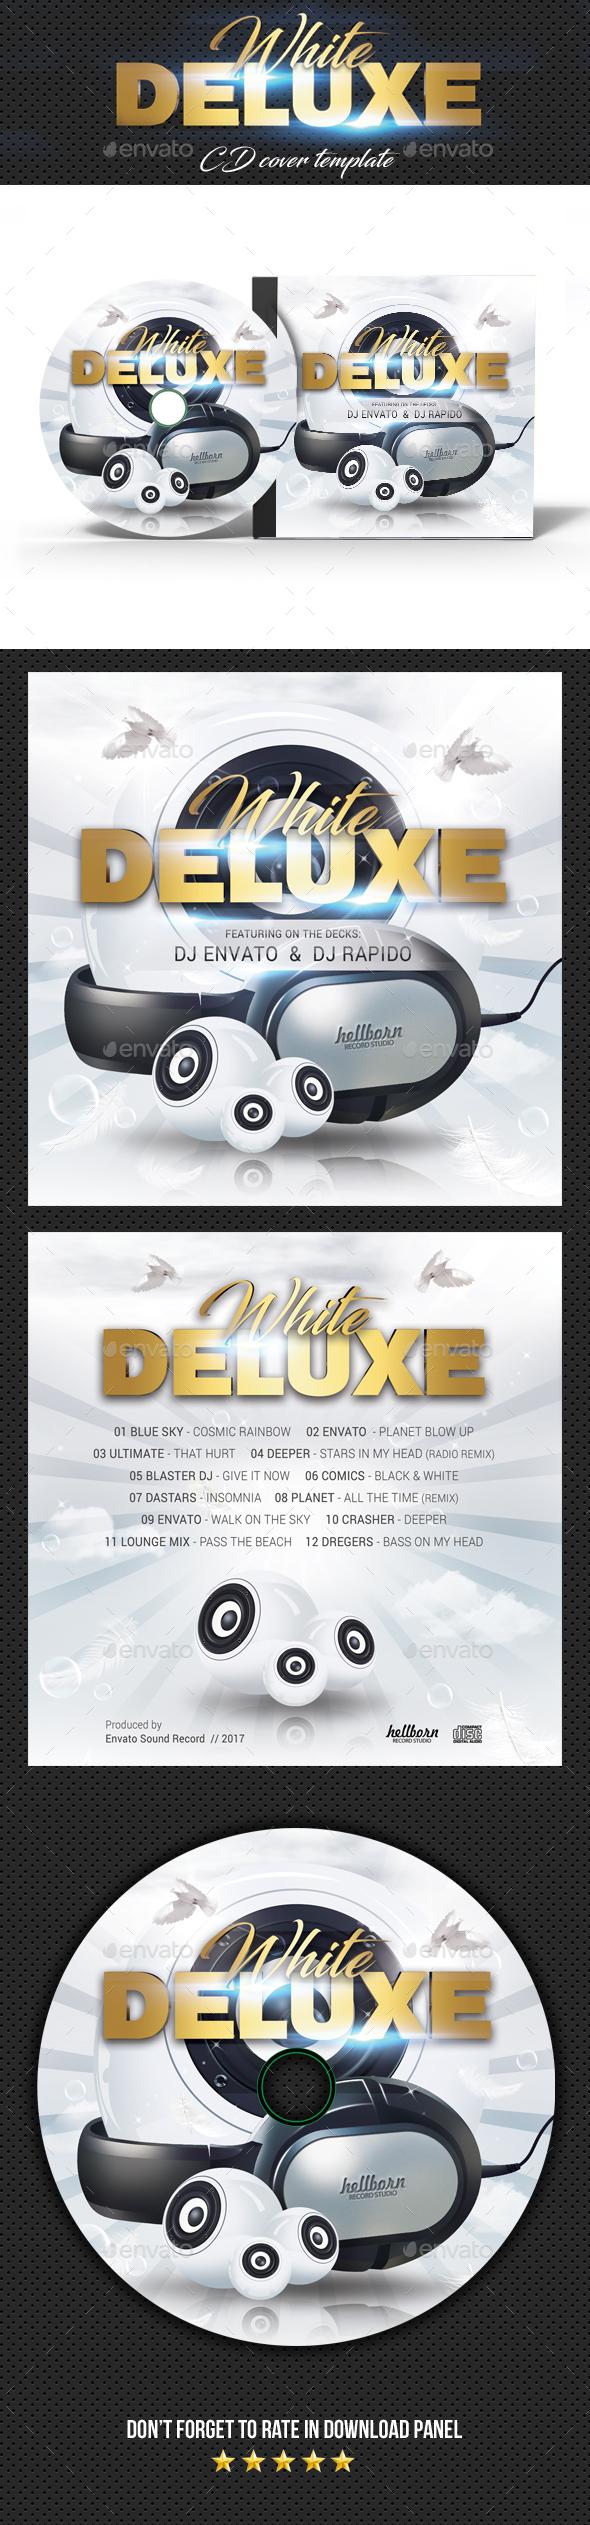 White Deluxe CD Cover - CD & DVD Artwork Print Templates